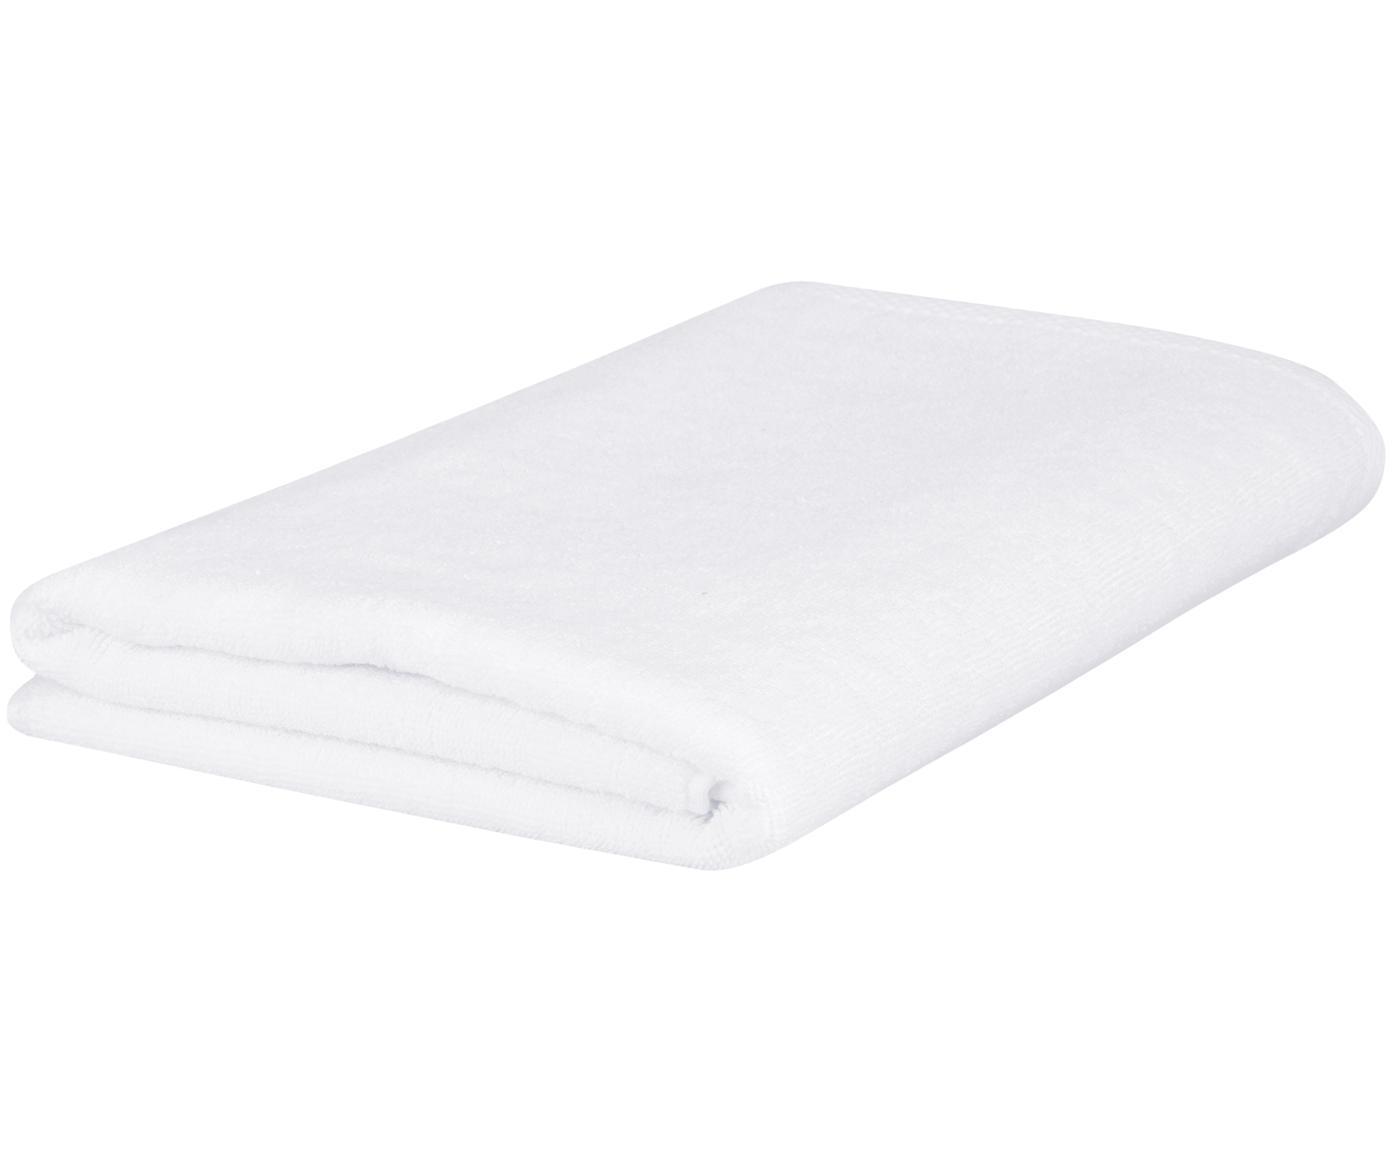 Einfarbiges Handtuch Comfort, verschiedene Grössen, Weiss, Badetuch